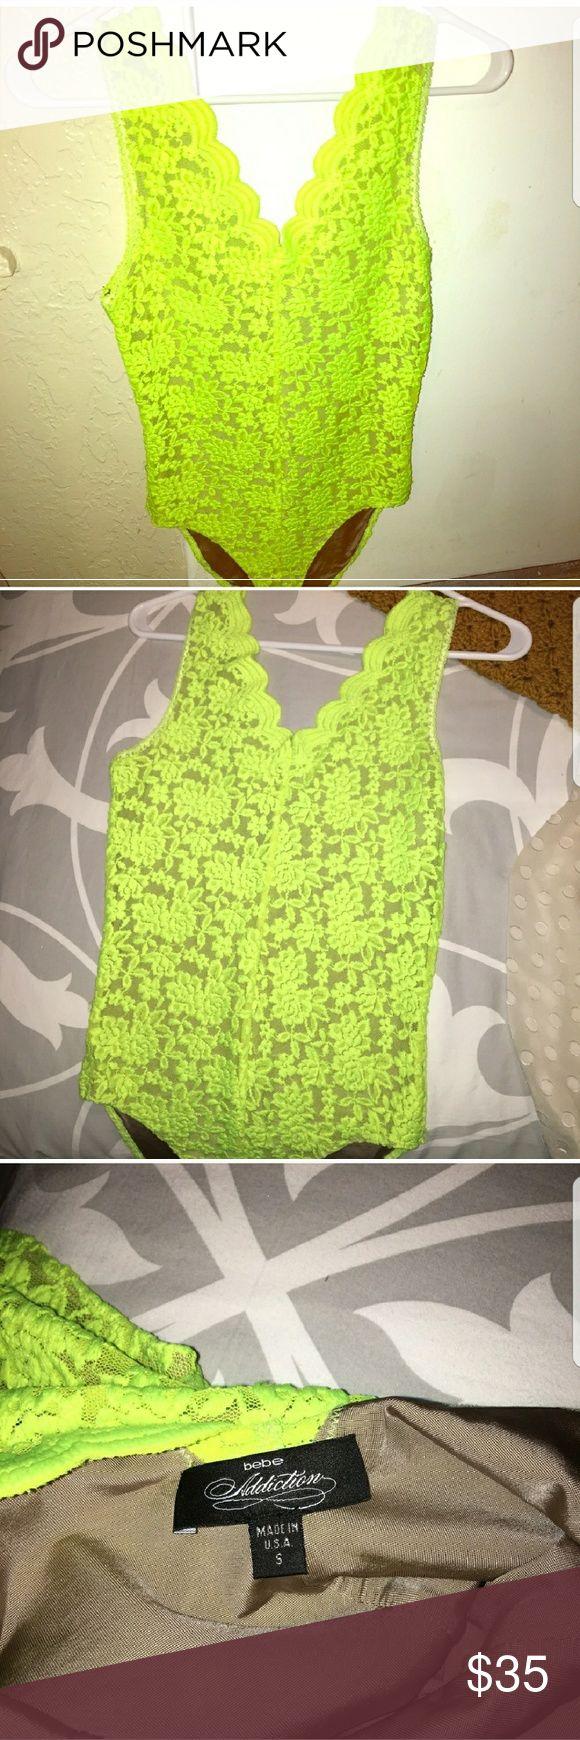 BEBE neon yellow green bodysuit Neon yellow green bodysuit bebe Tops Tank Tops